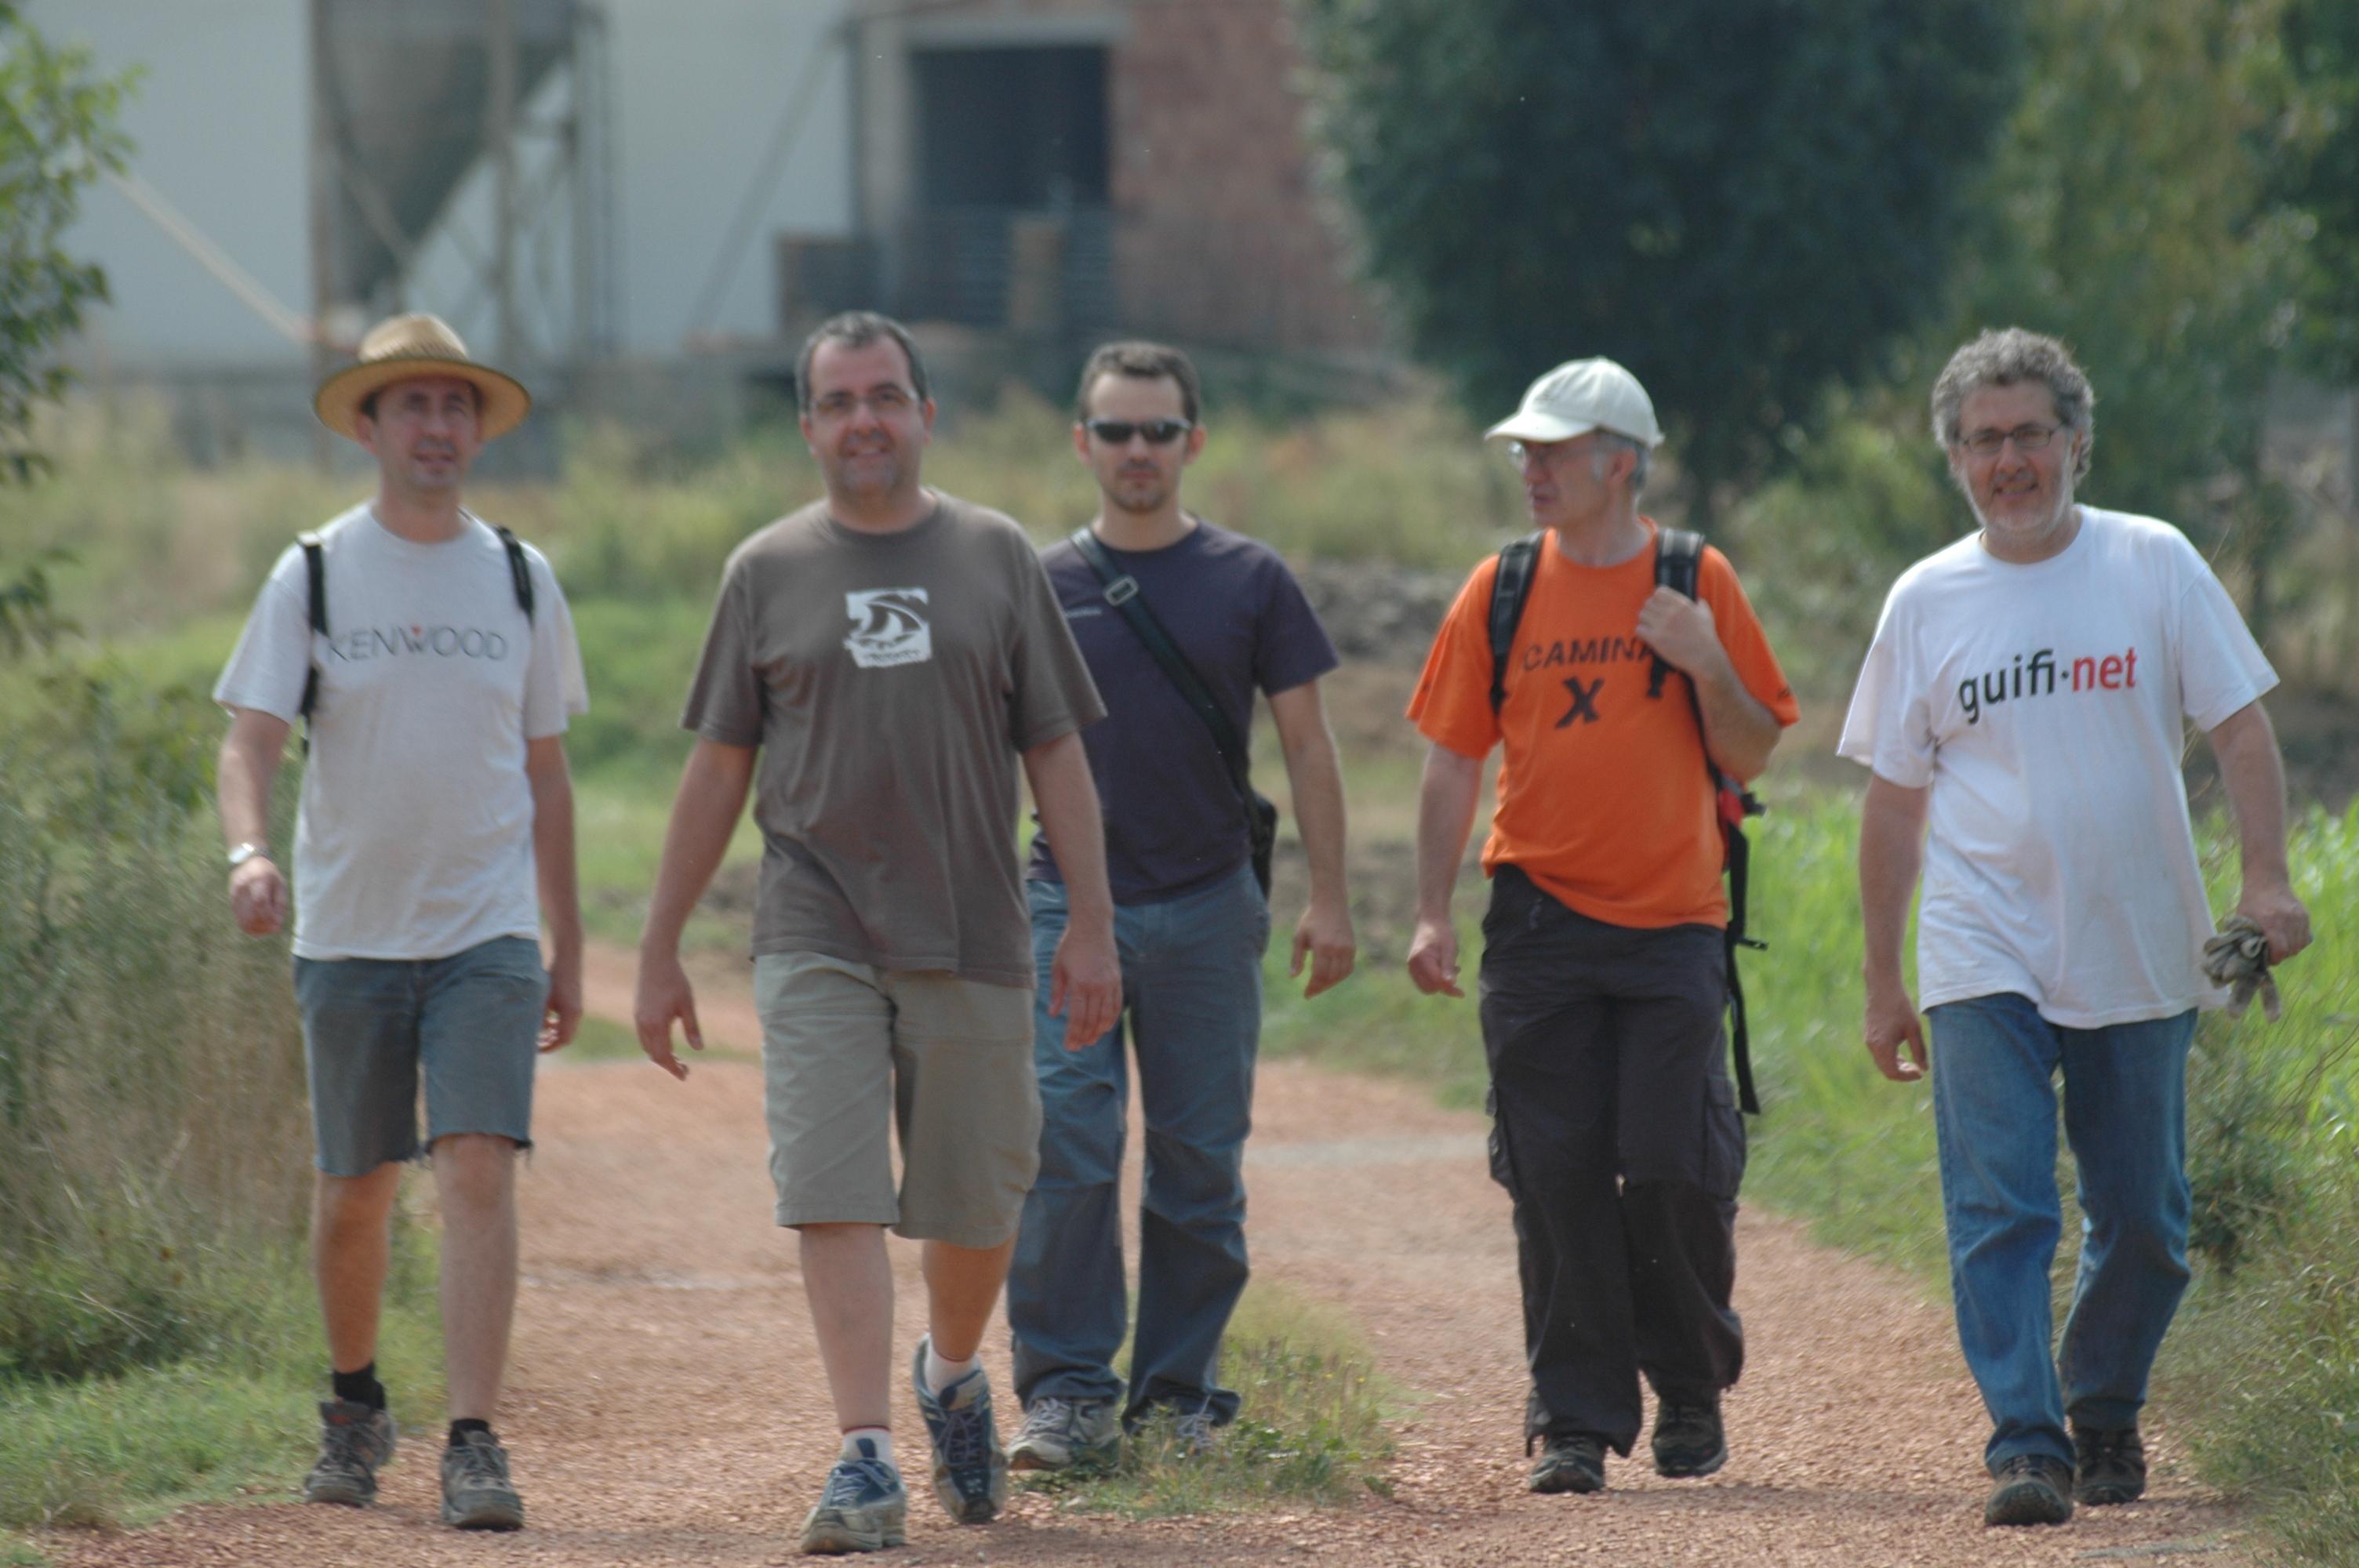 Brigadistes voluntaris anant a la feina :)